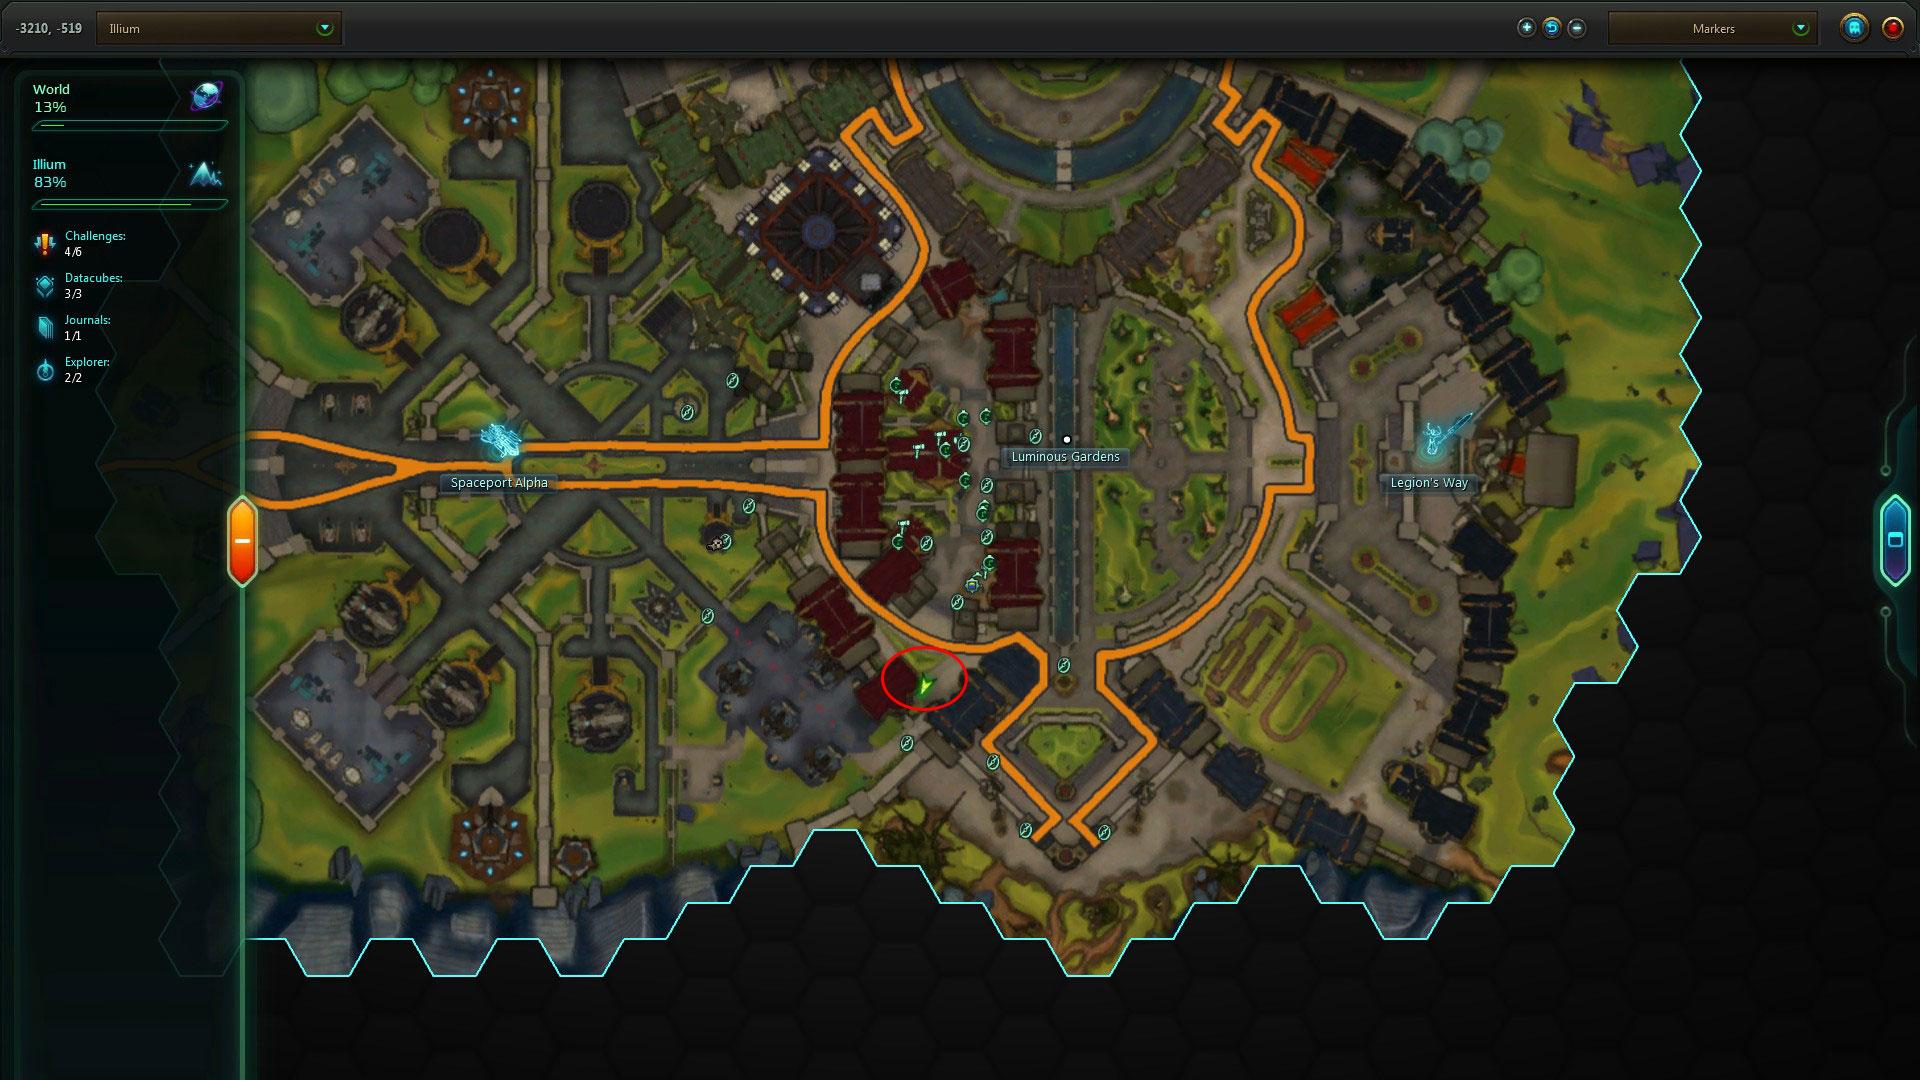 Illium secret stash map